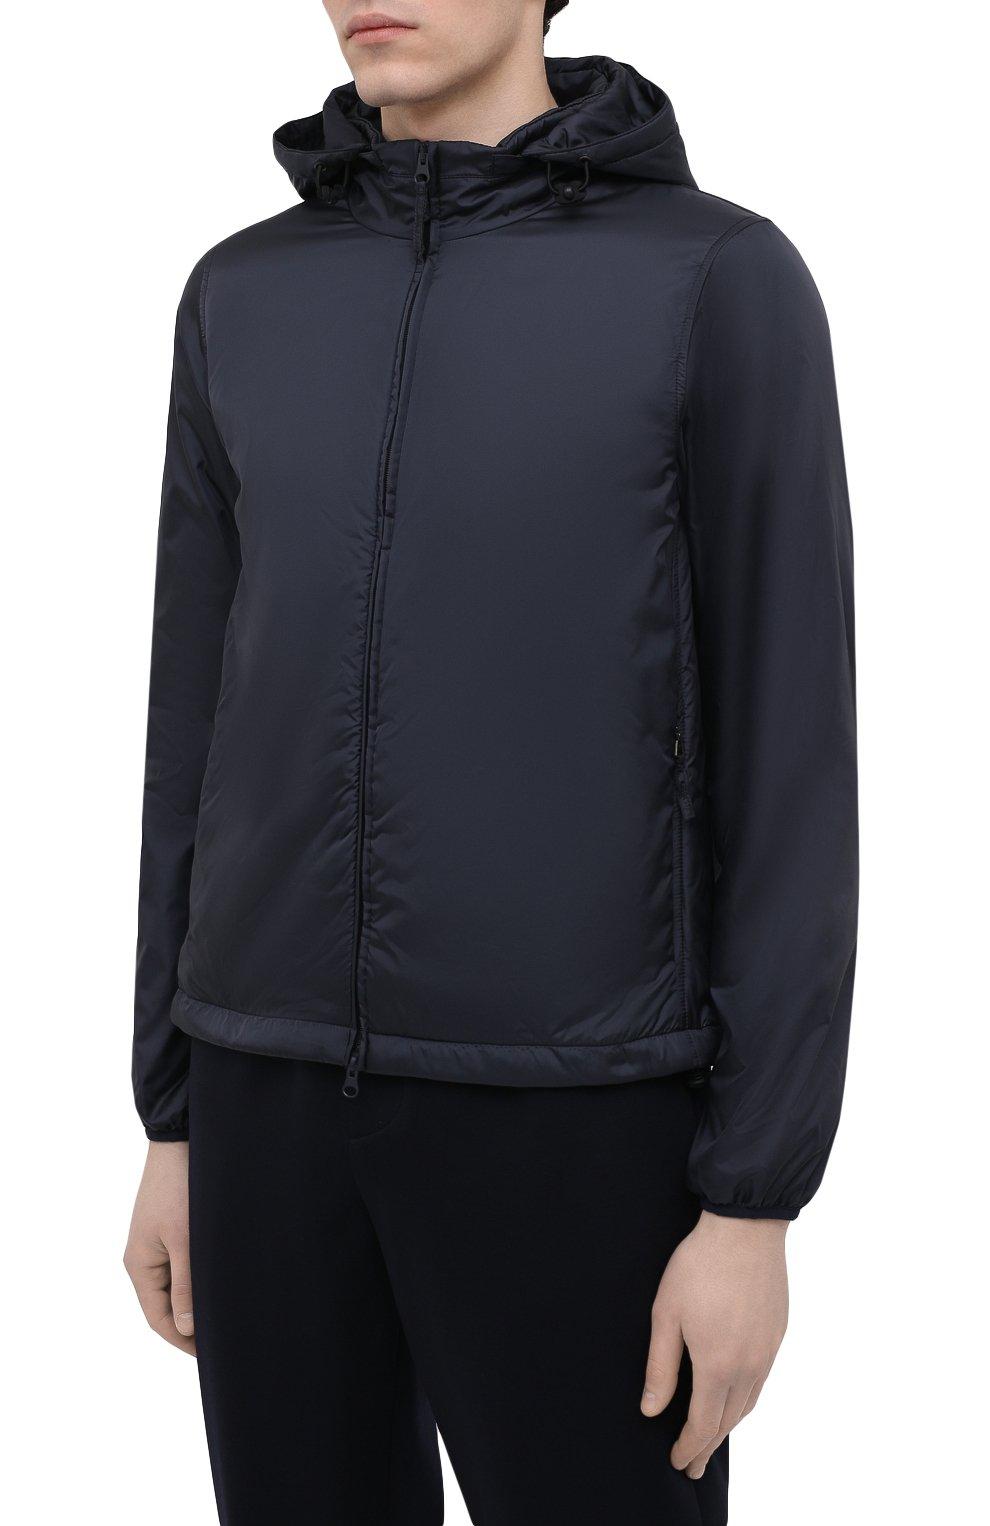 Мужская утепленная куртка ASPESI синего цвета, арт. S1 I I001 7961 | Фото 3 (Кросс-КТ: Куртка; Рукава: Длинные; Материал внешний: Синтетический материал; Мужское Кросс-КТ: утепленные куртки; Материал подклада: Синтетический материал; Длина (верхняя одежда): Короткие; Стили: Кэжуэл)